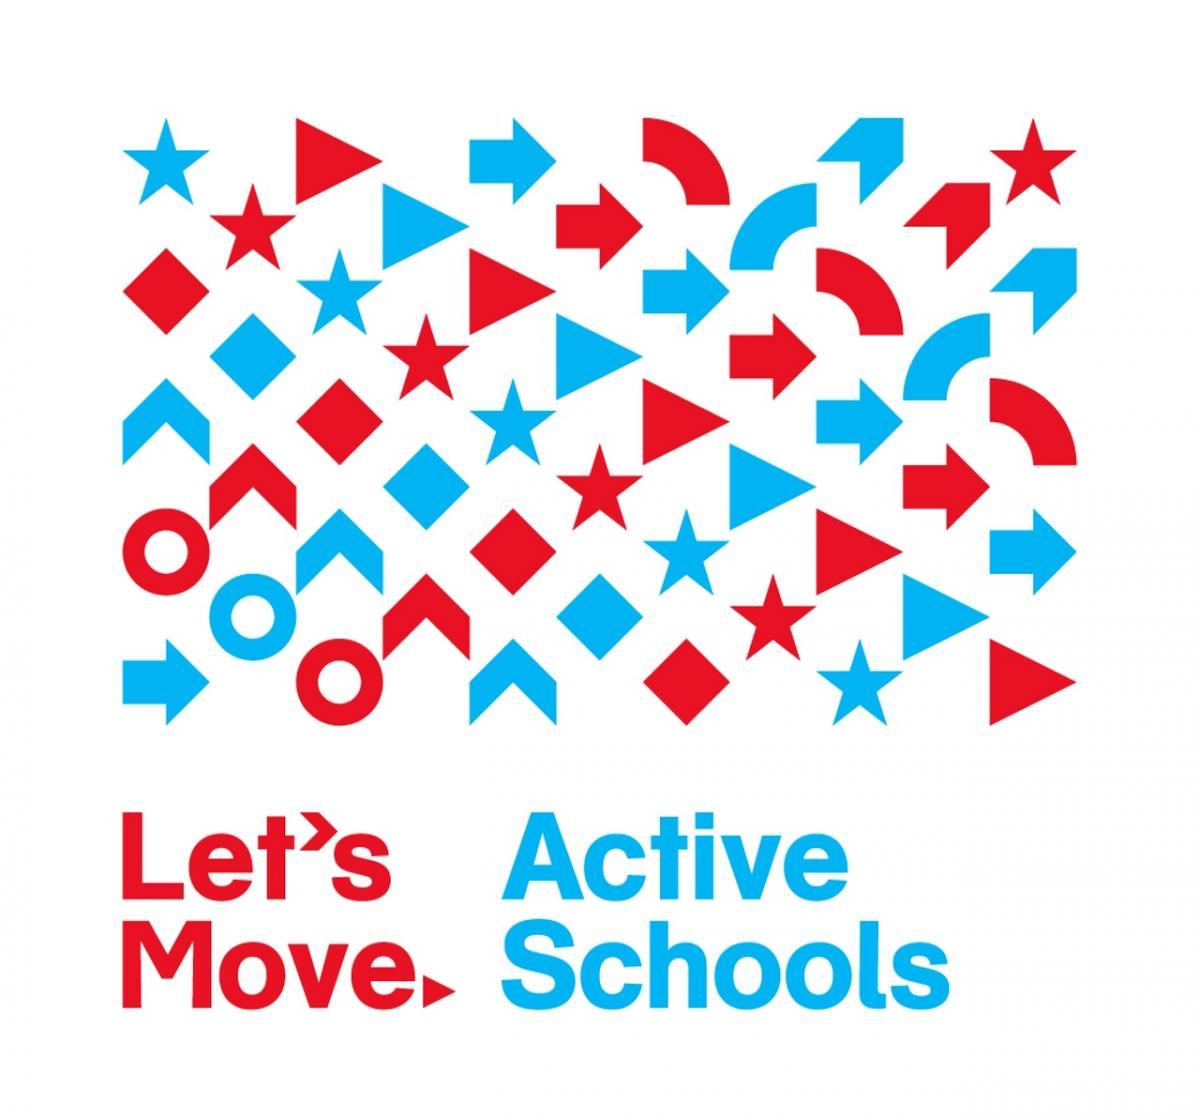 active schools let s move